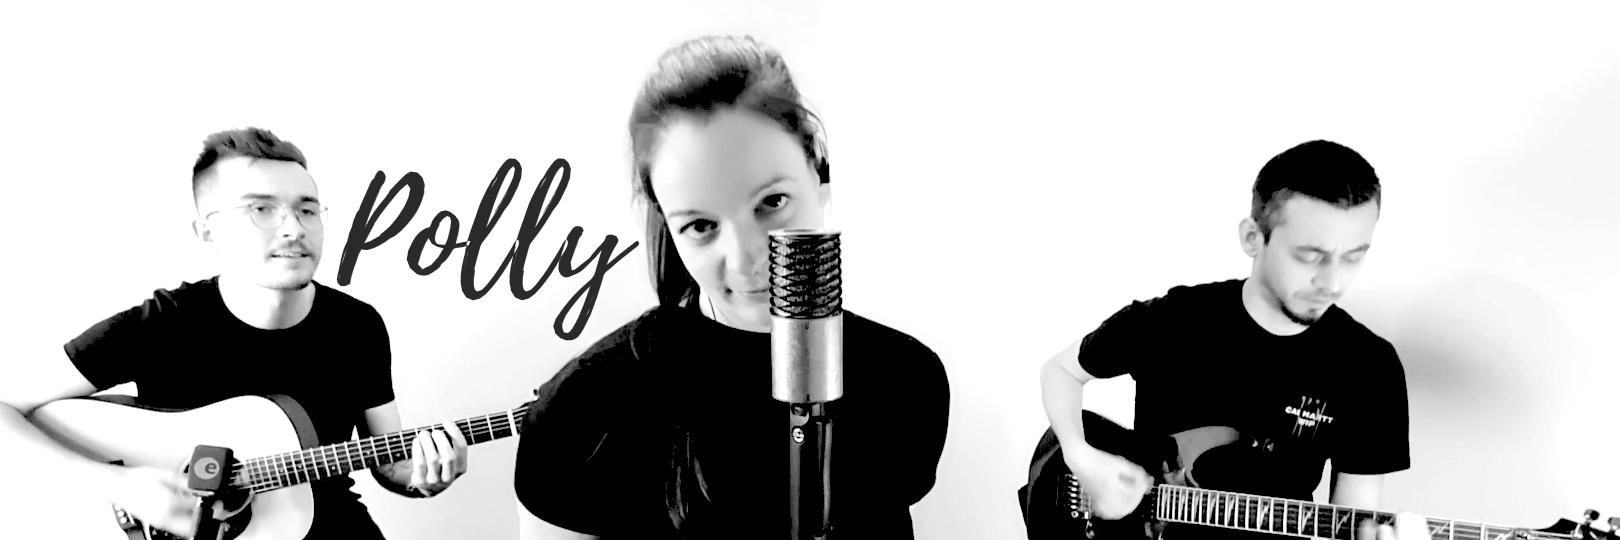 Polly, groupe de musique Chanteur en représentation à Indre et Loire - photo de couverture